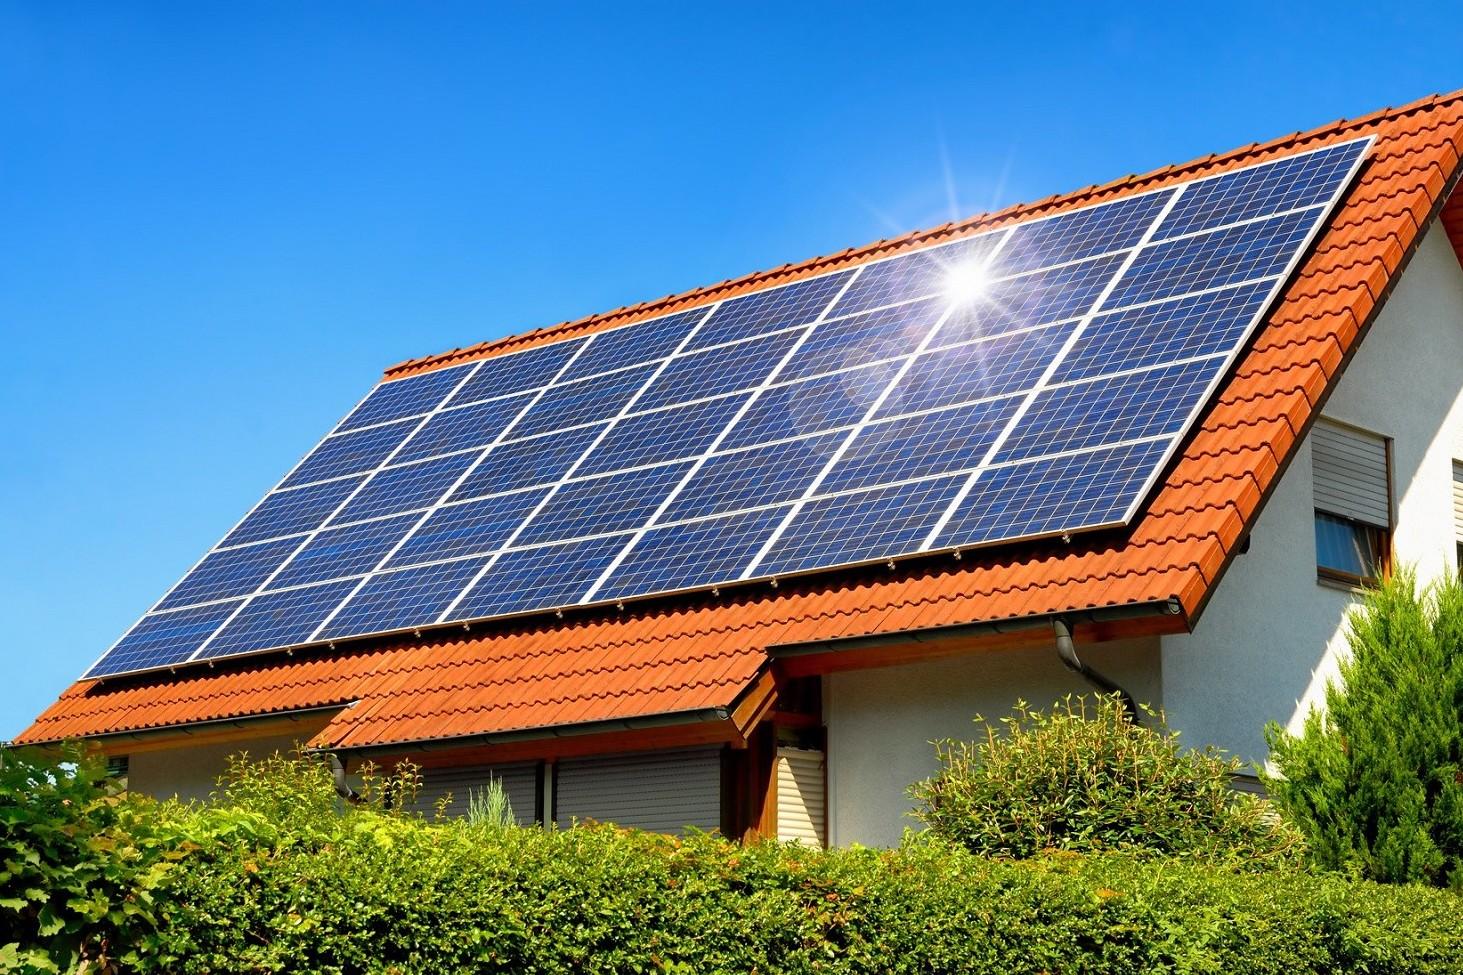 Incentivi fotovoltaico per privati e aziende nel 2018